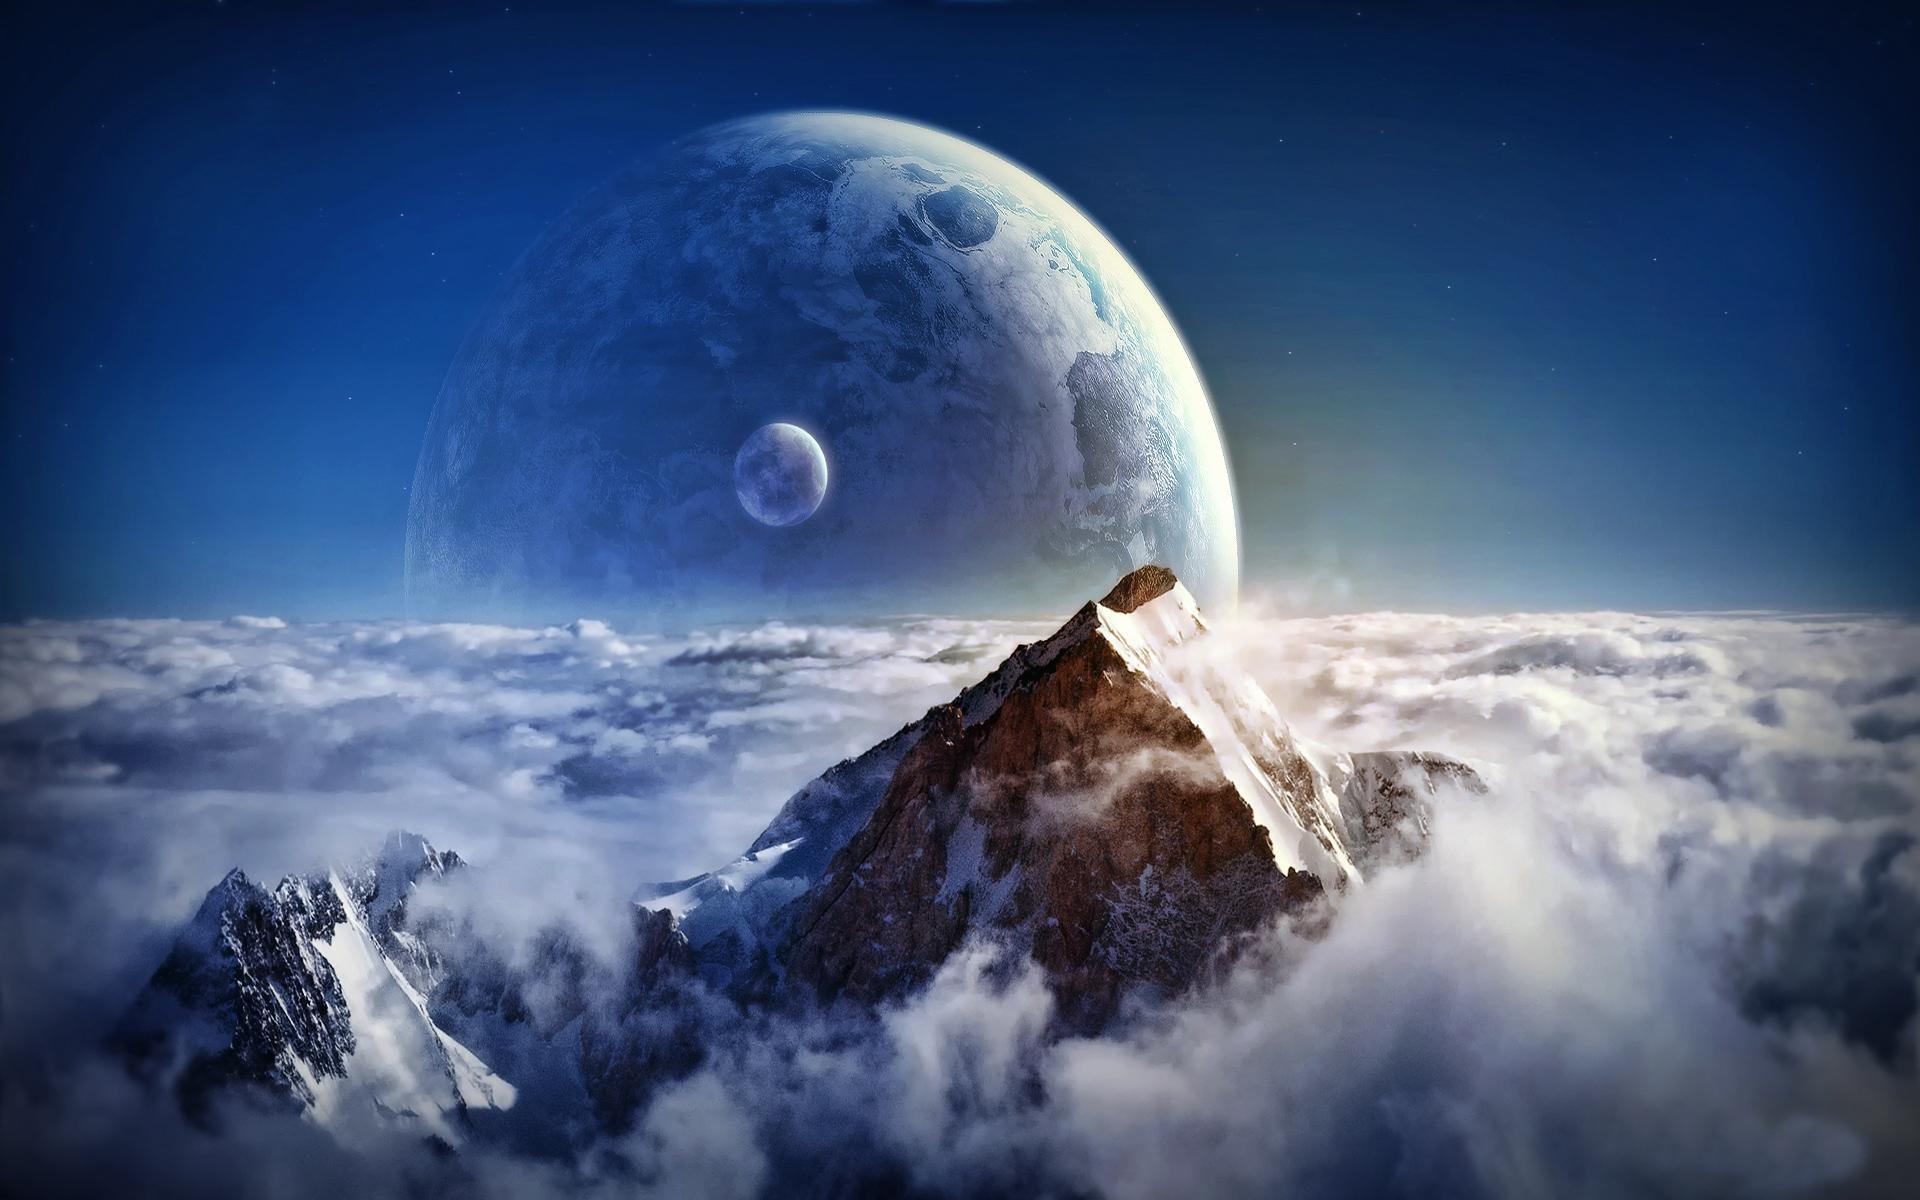 Обои Земля планета космос картинки на рабочий стол на тему Космос - скачать  № 3551622  скачать